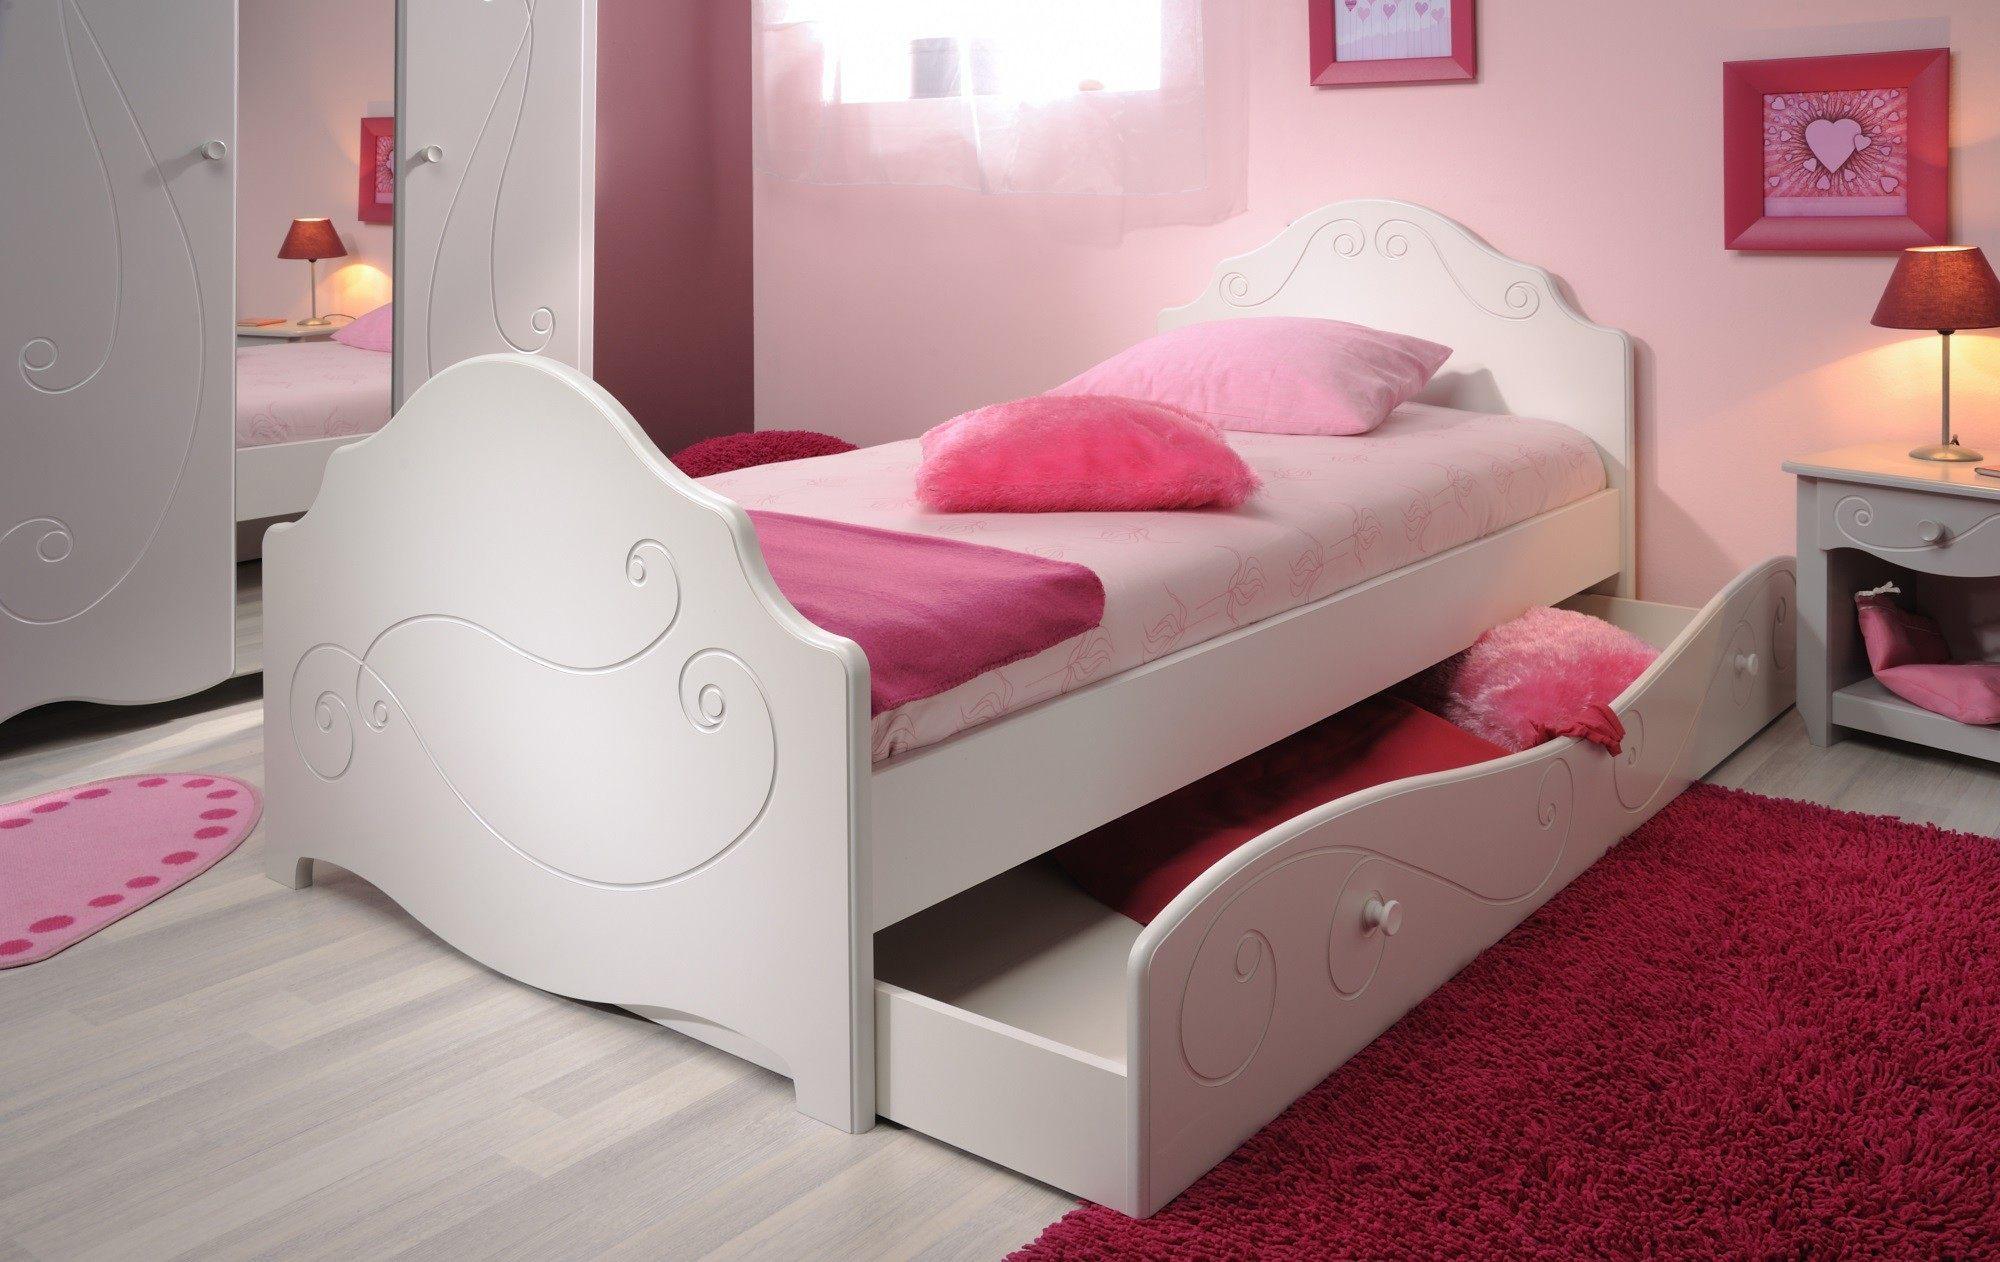 Lit Hauteur Enfant Luxe attrayant Chambre Enfant Lit Mezzanine  Chambre Lit Mezzanine Luxe